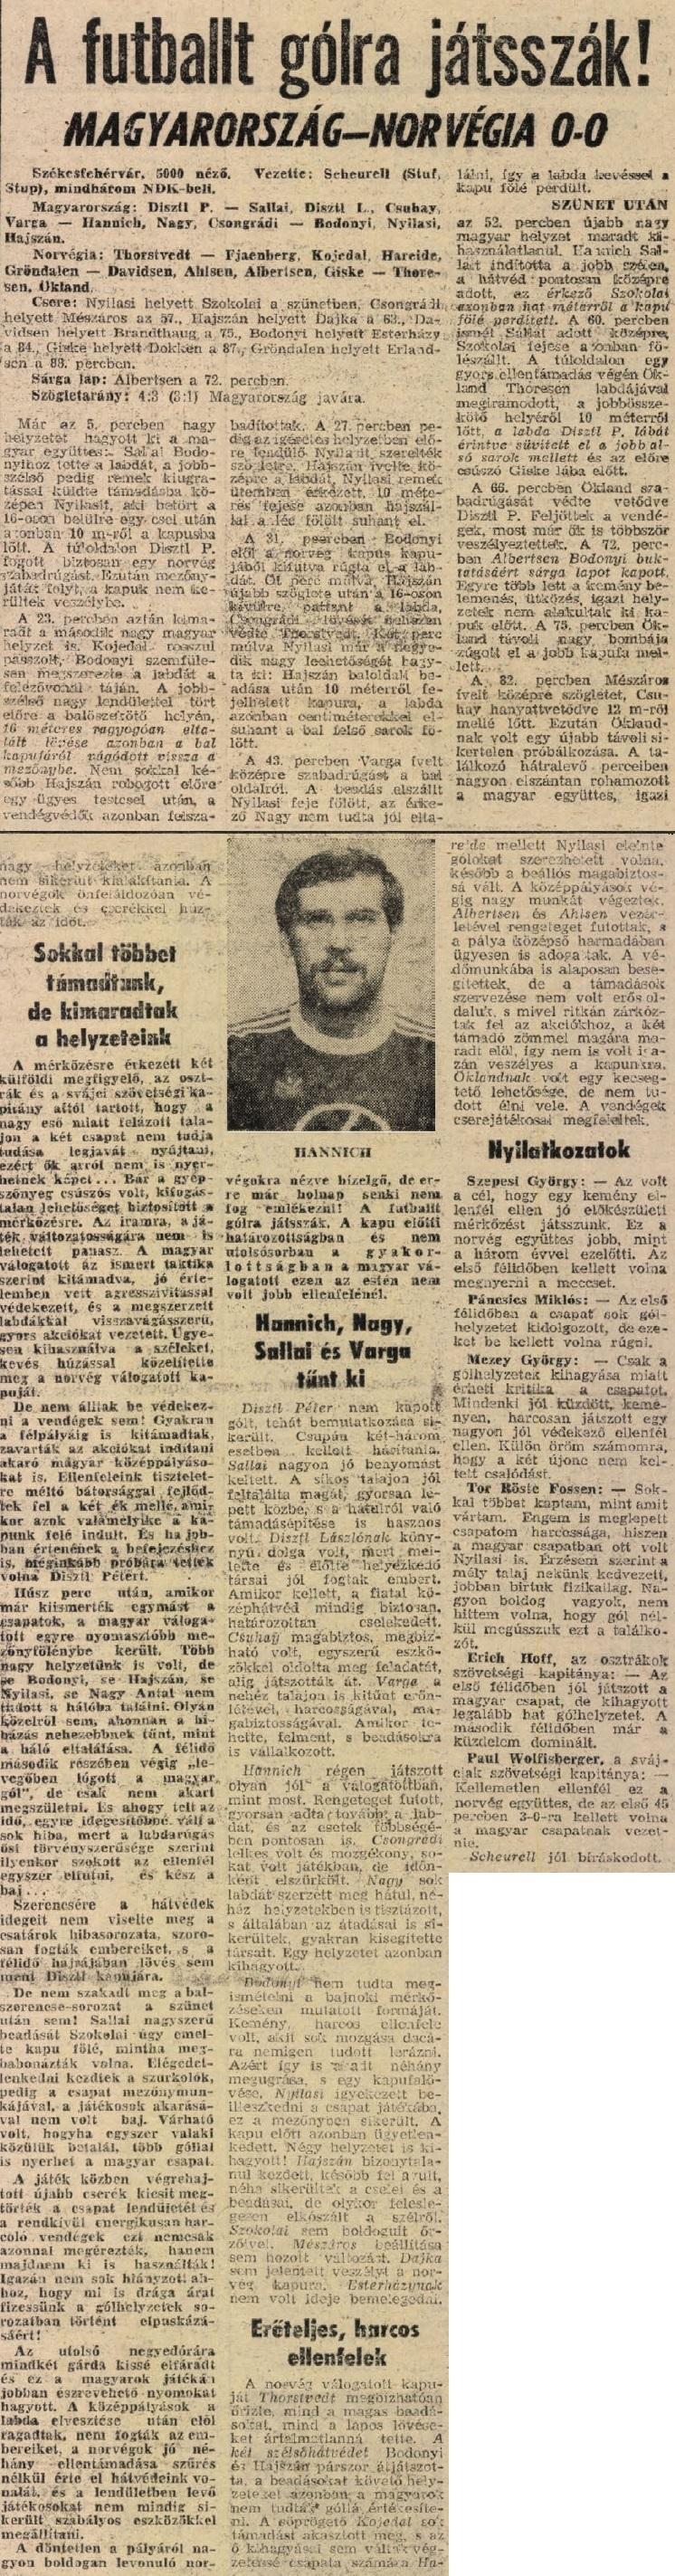 idokapszula_nb_i_1983_84_magyarorszag_norvegia_merkozes.jpg